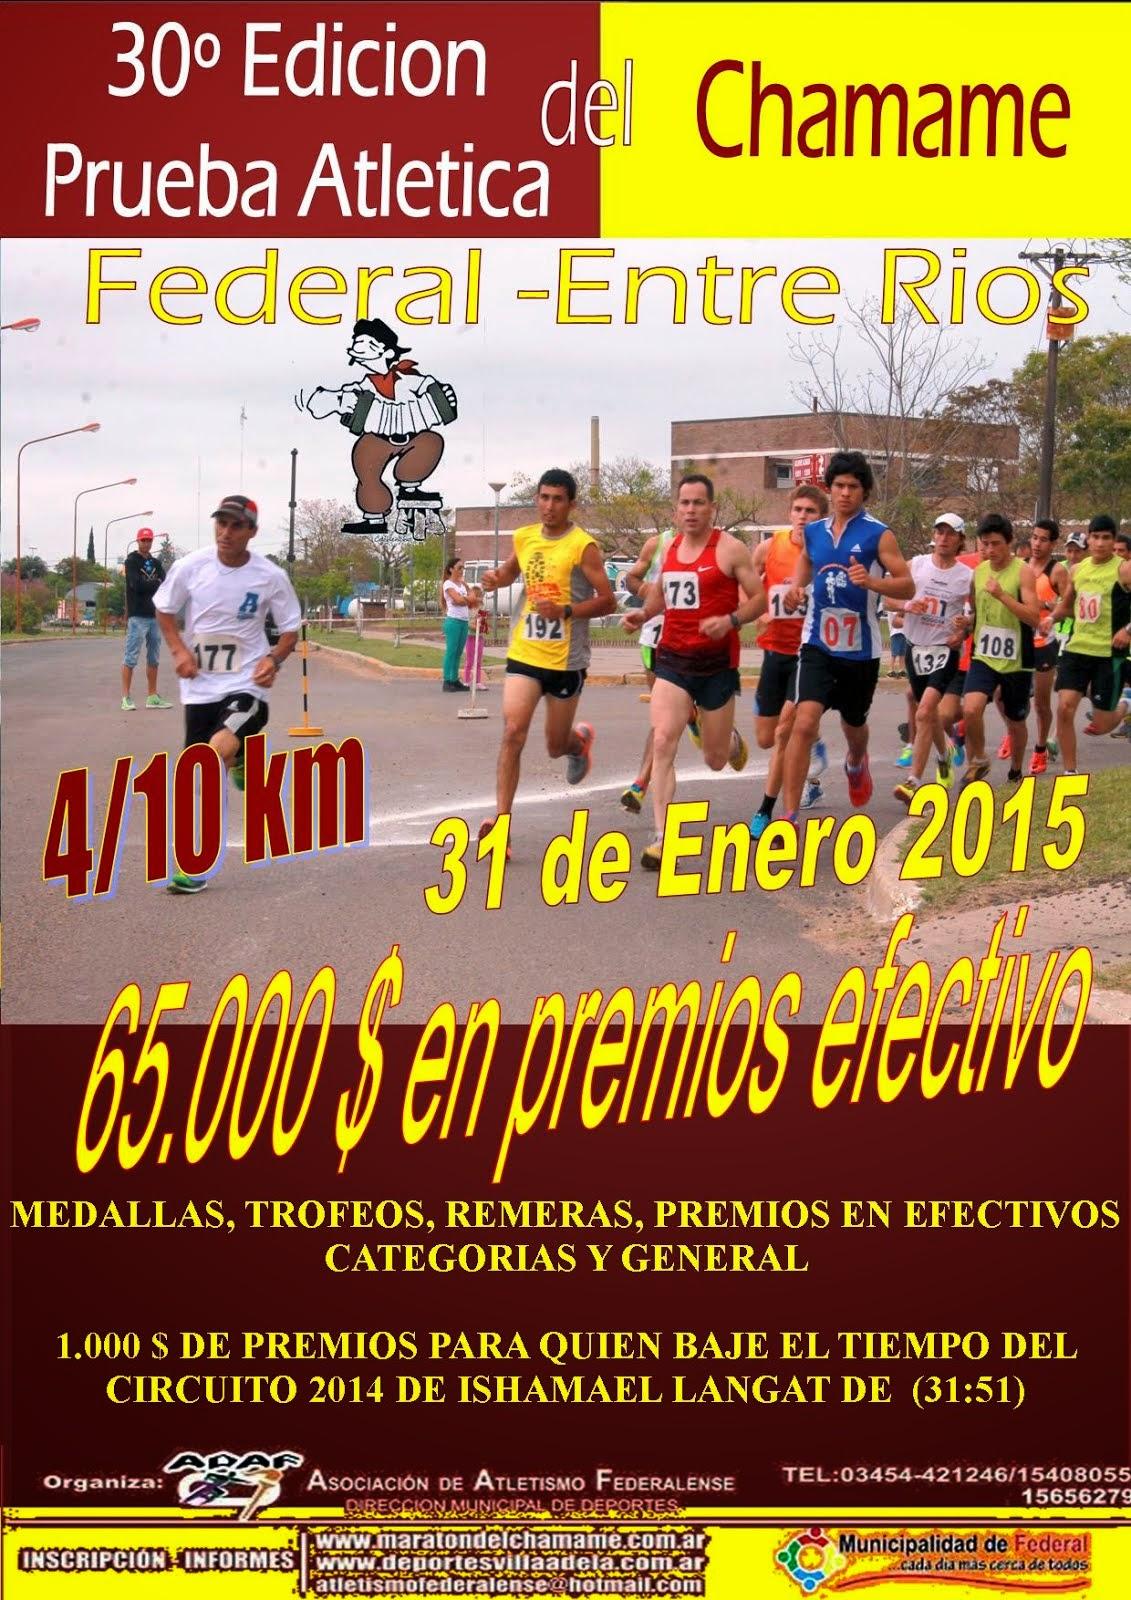 29 Maraton Fiesta Nacional del Chamame